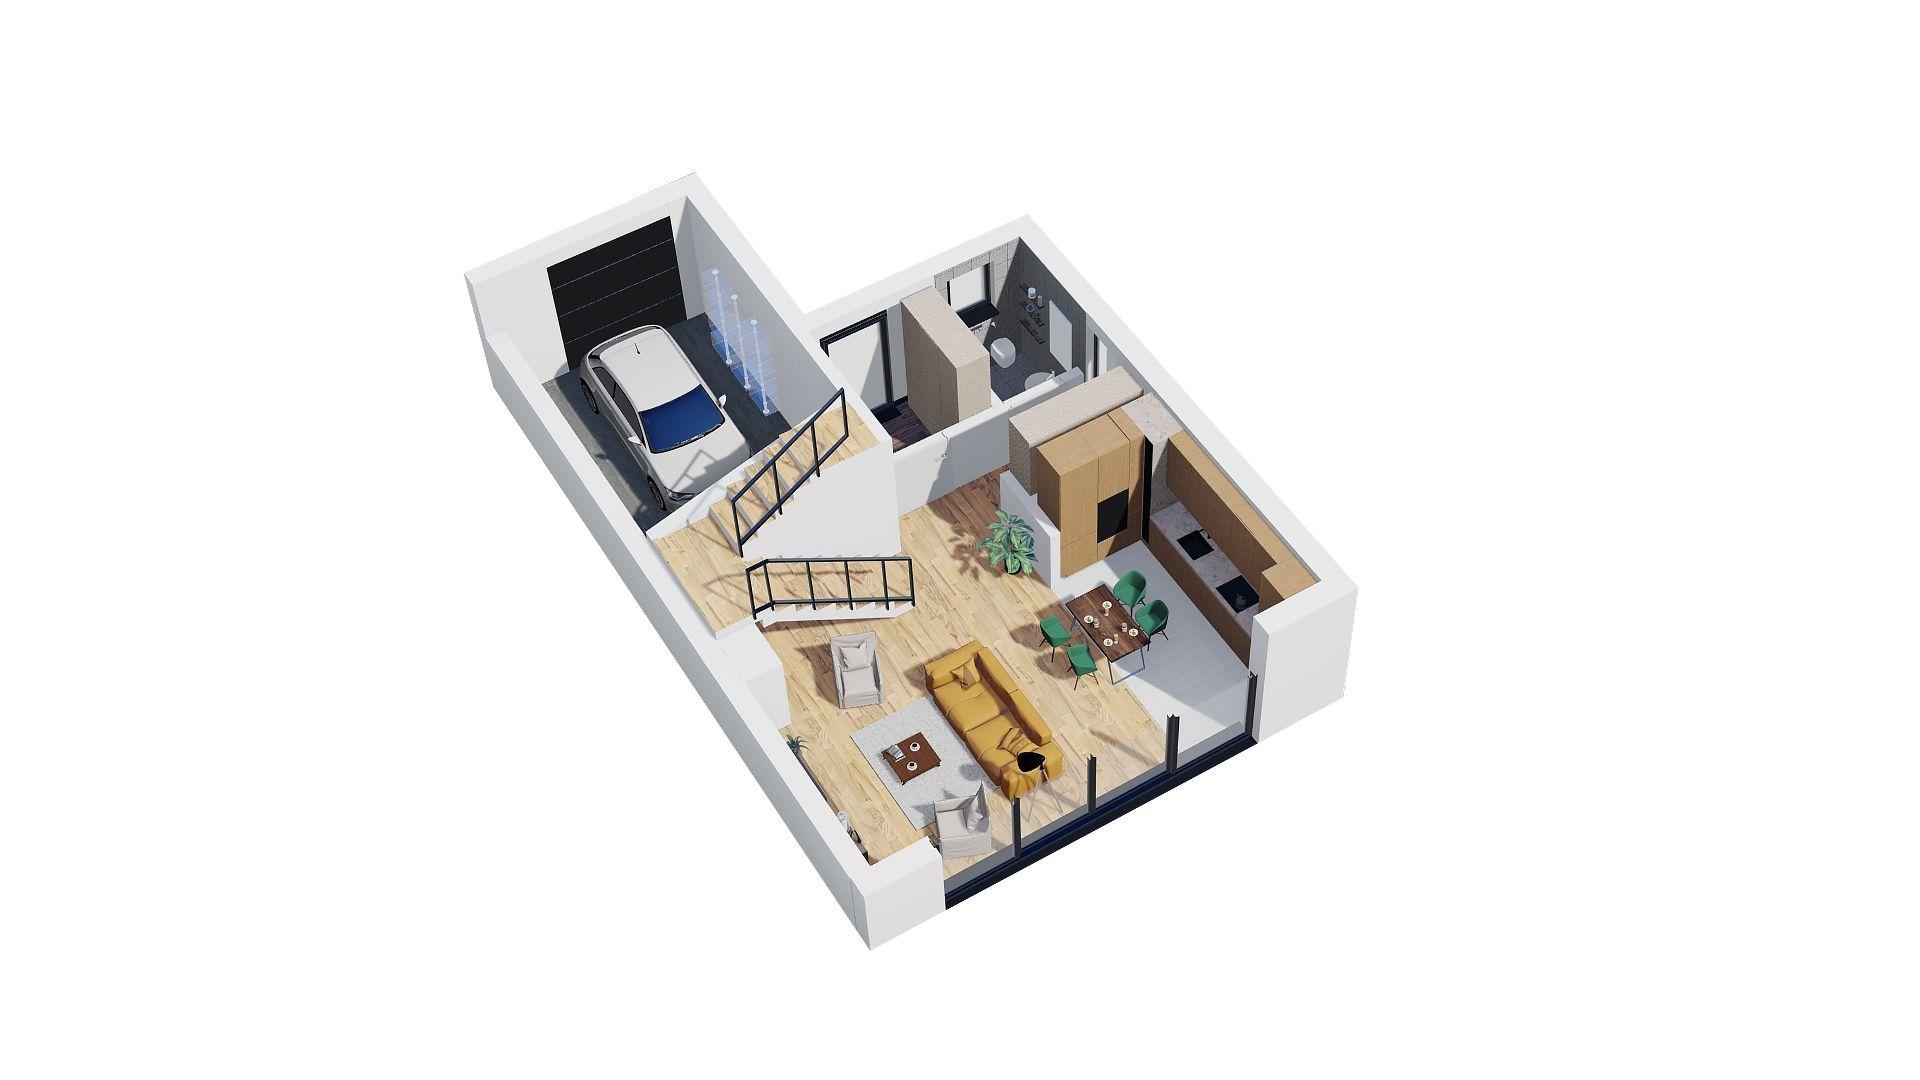 rzut 3d domu parter domu jednorodzinnego rzuty pomieszczeń